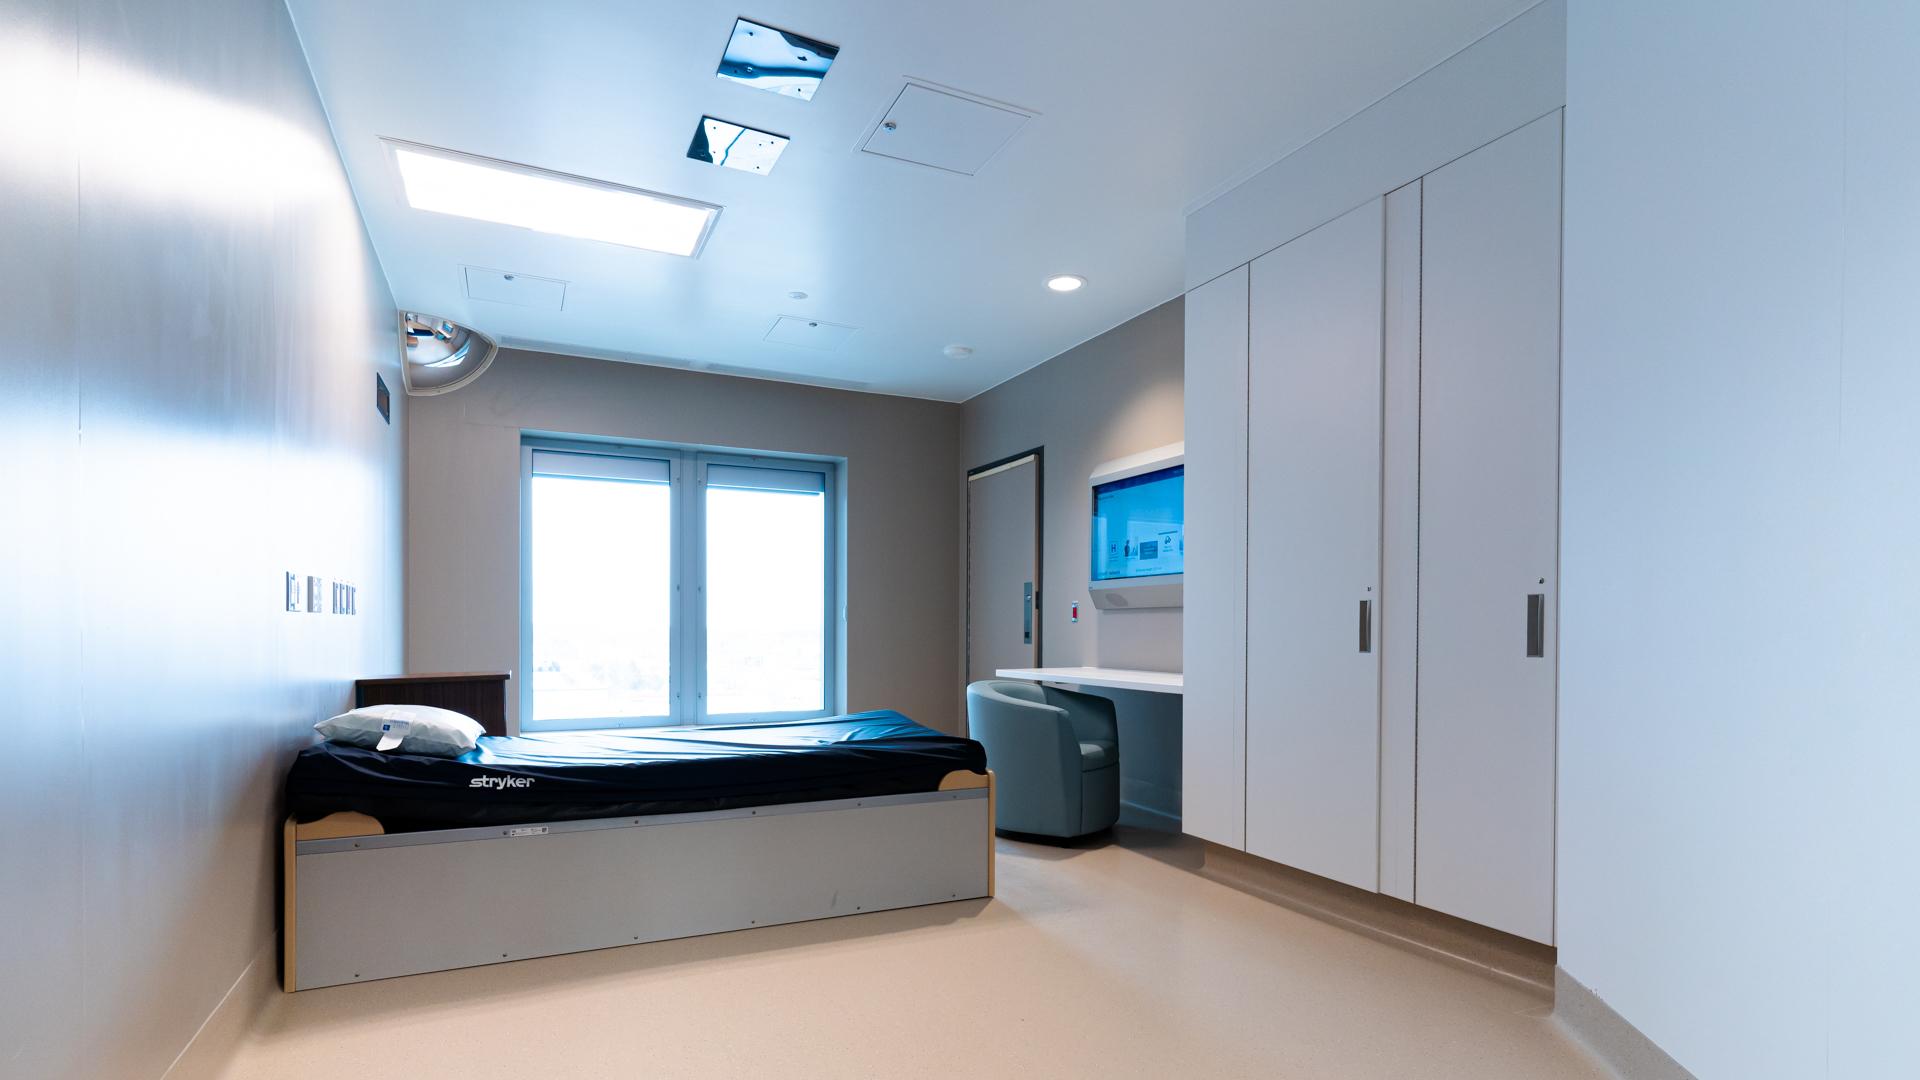 Inpatient Room - Pod A